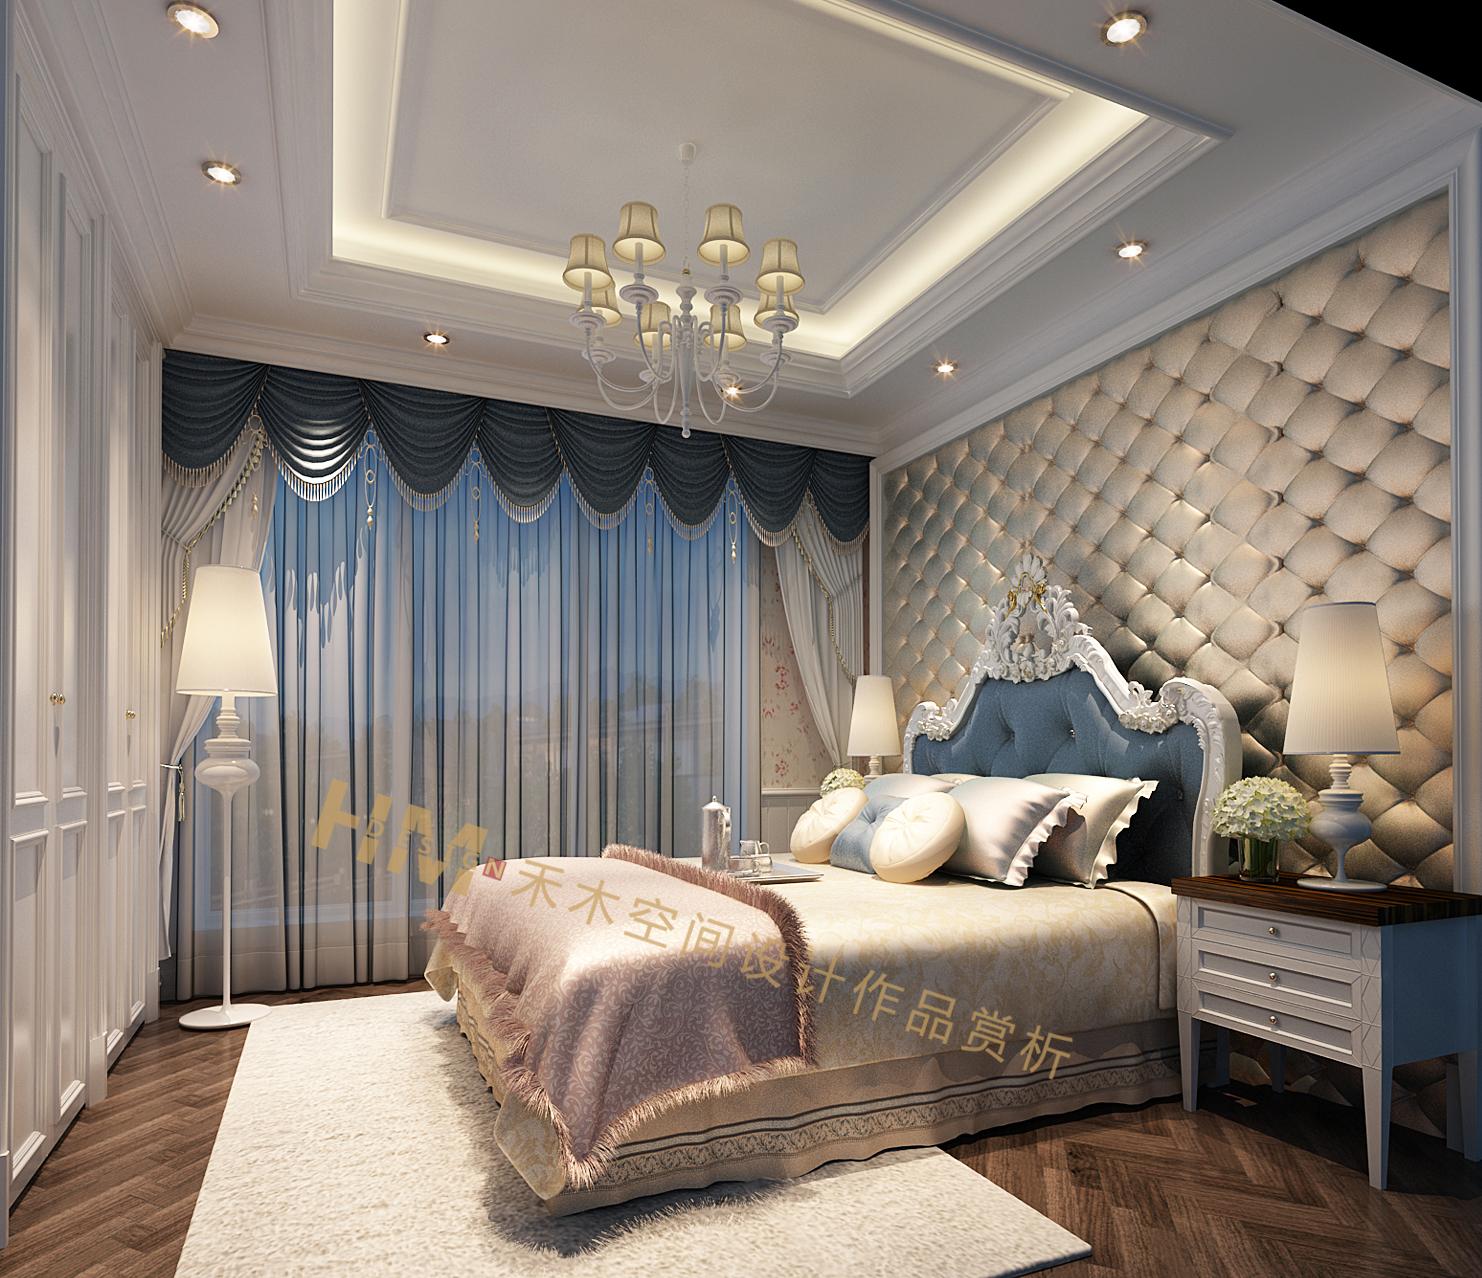 床头背景使用了软包背景墙